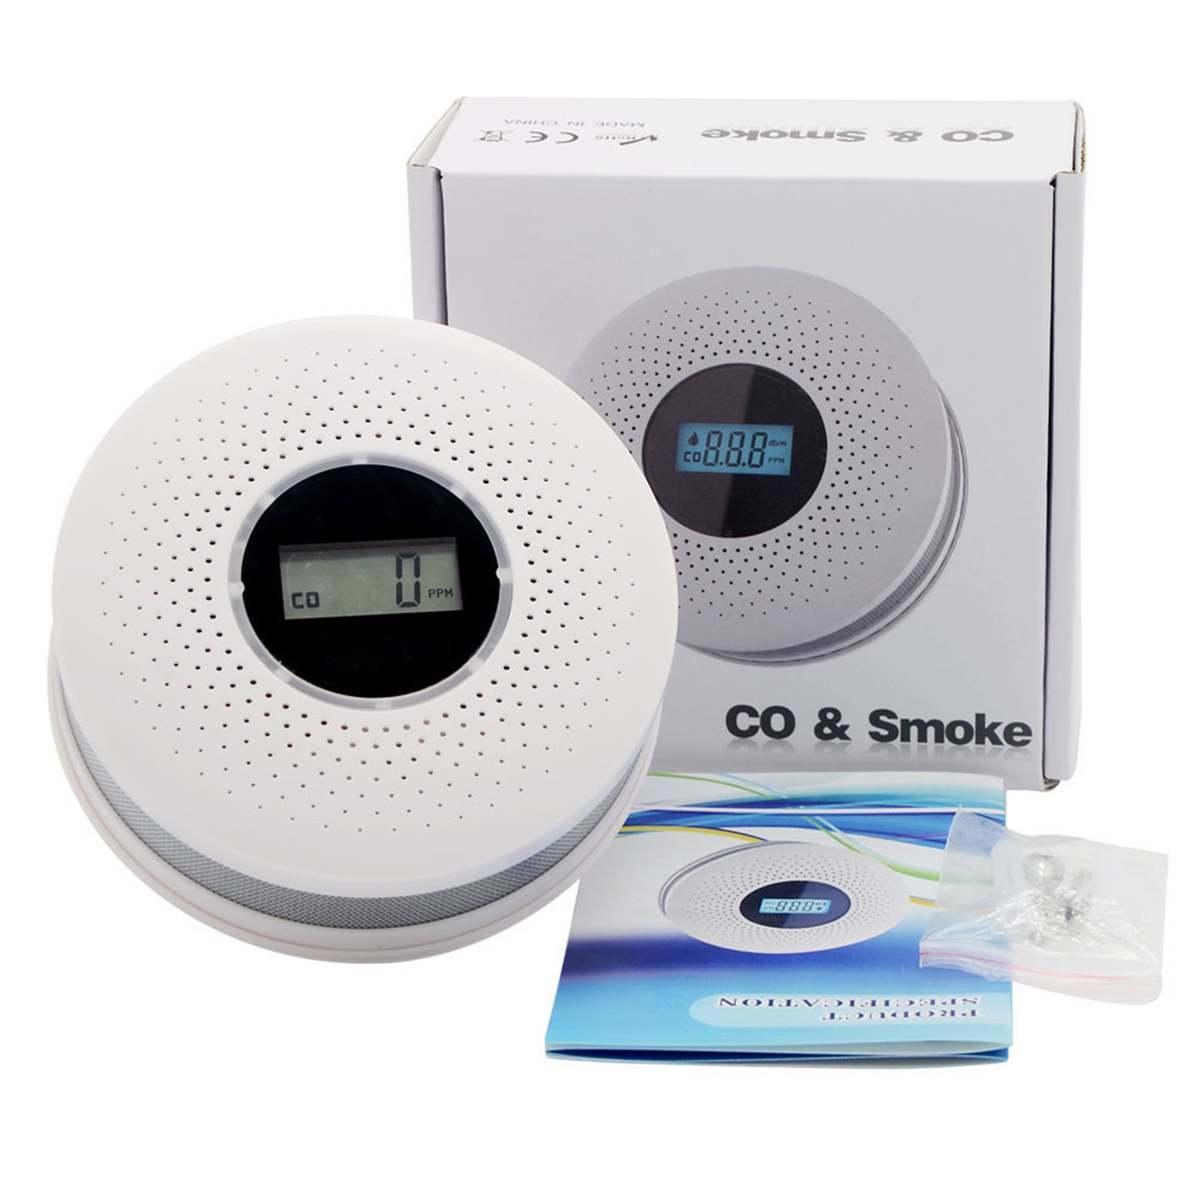 2 в 1 СВЕТОДИОДНЫЙ ИНДИКАТОР цифровой голосовой предупреждение угарный газ CO детектор утечки датчика охранной сигнализации